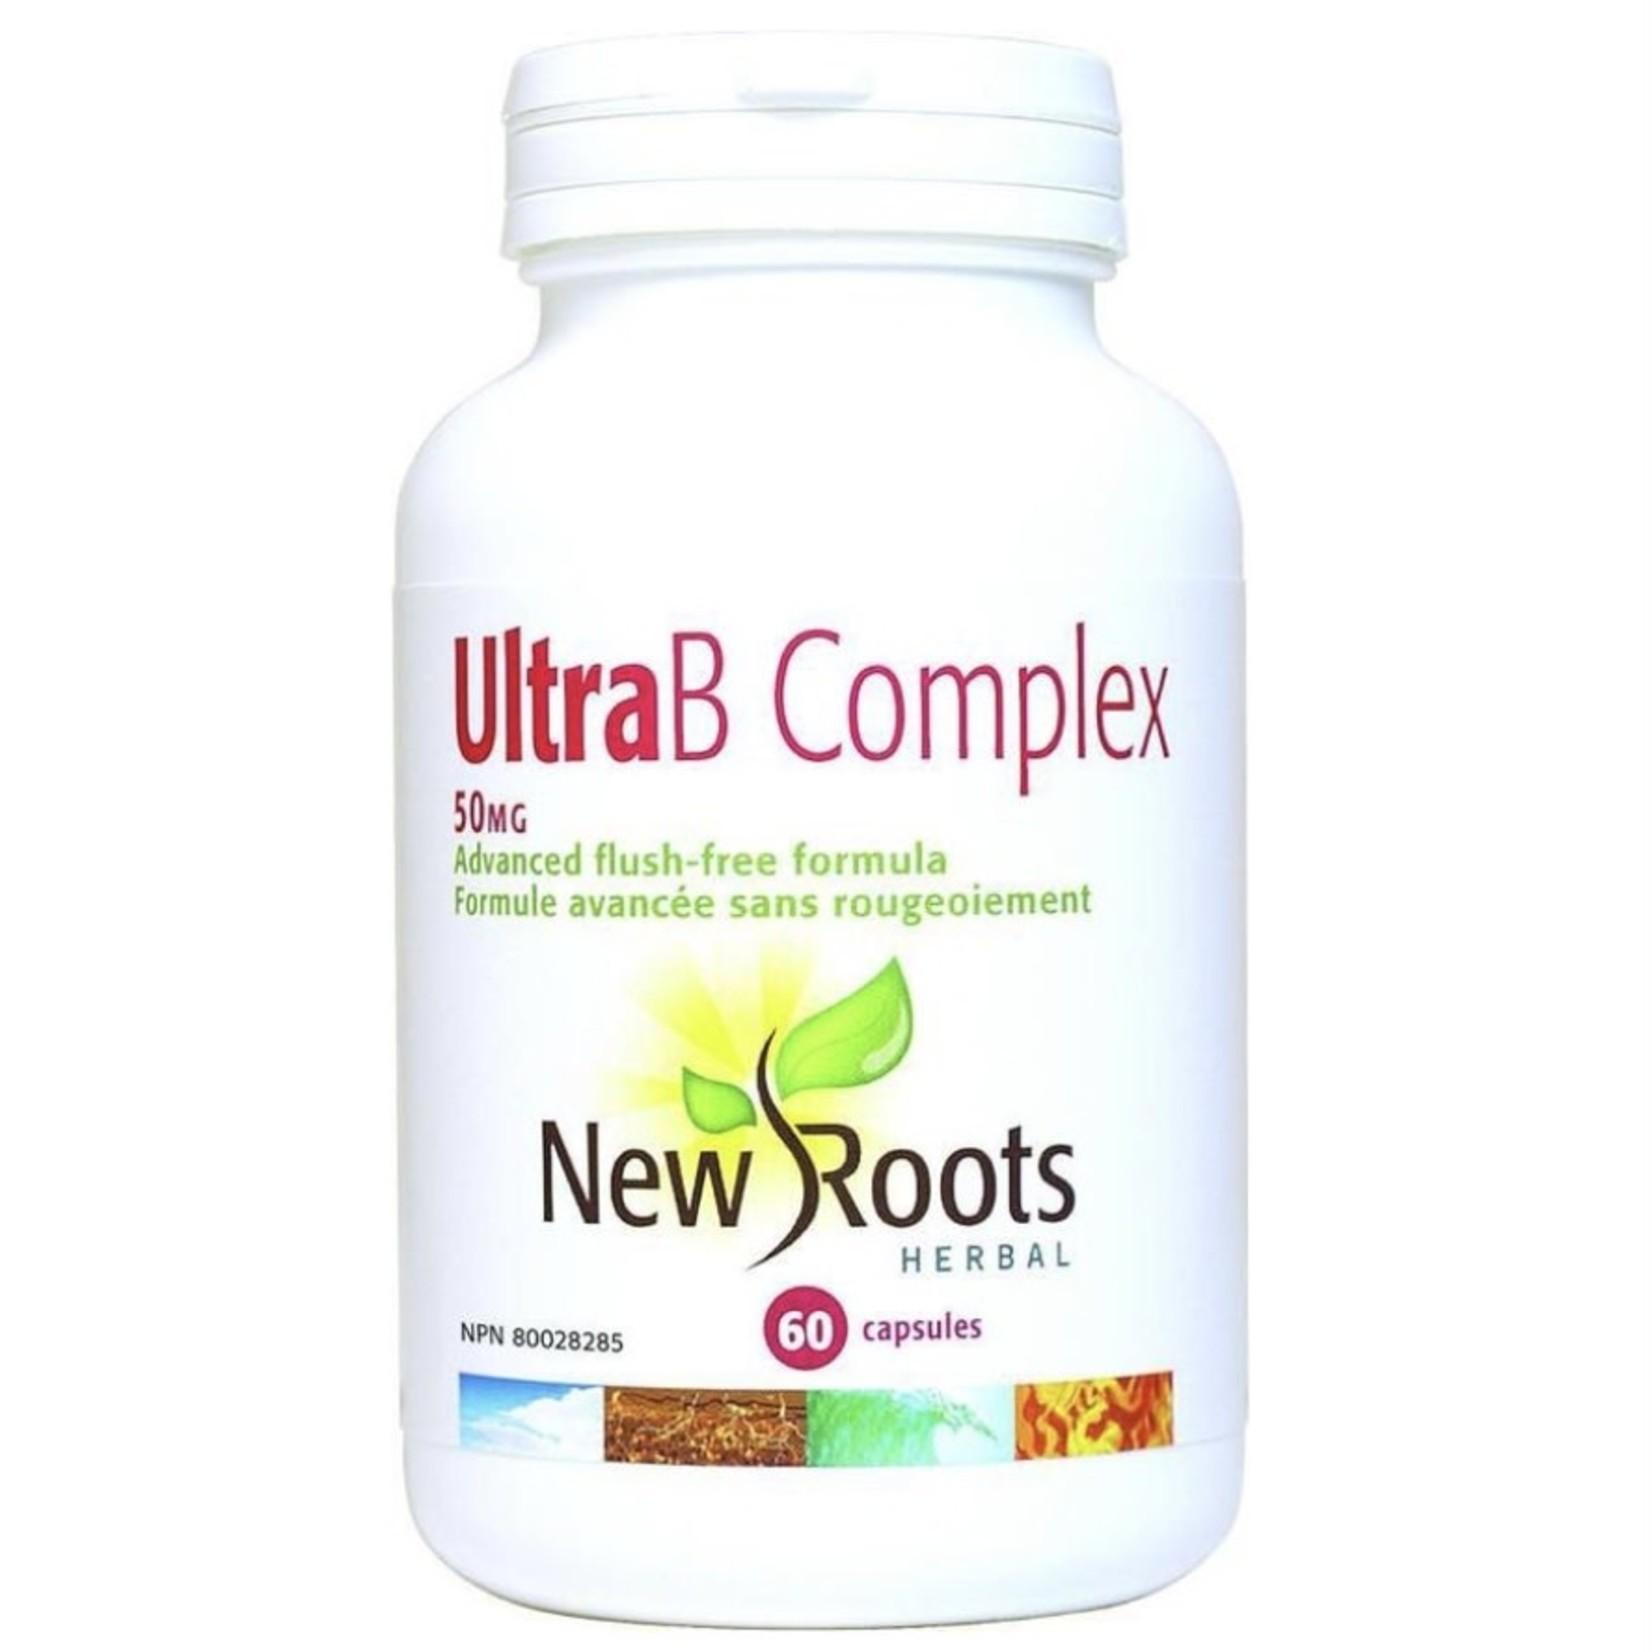 New Roots New Roots Ultra B Complex 50mg 60 caps